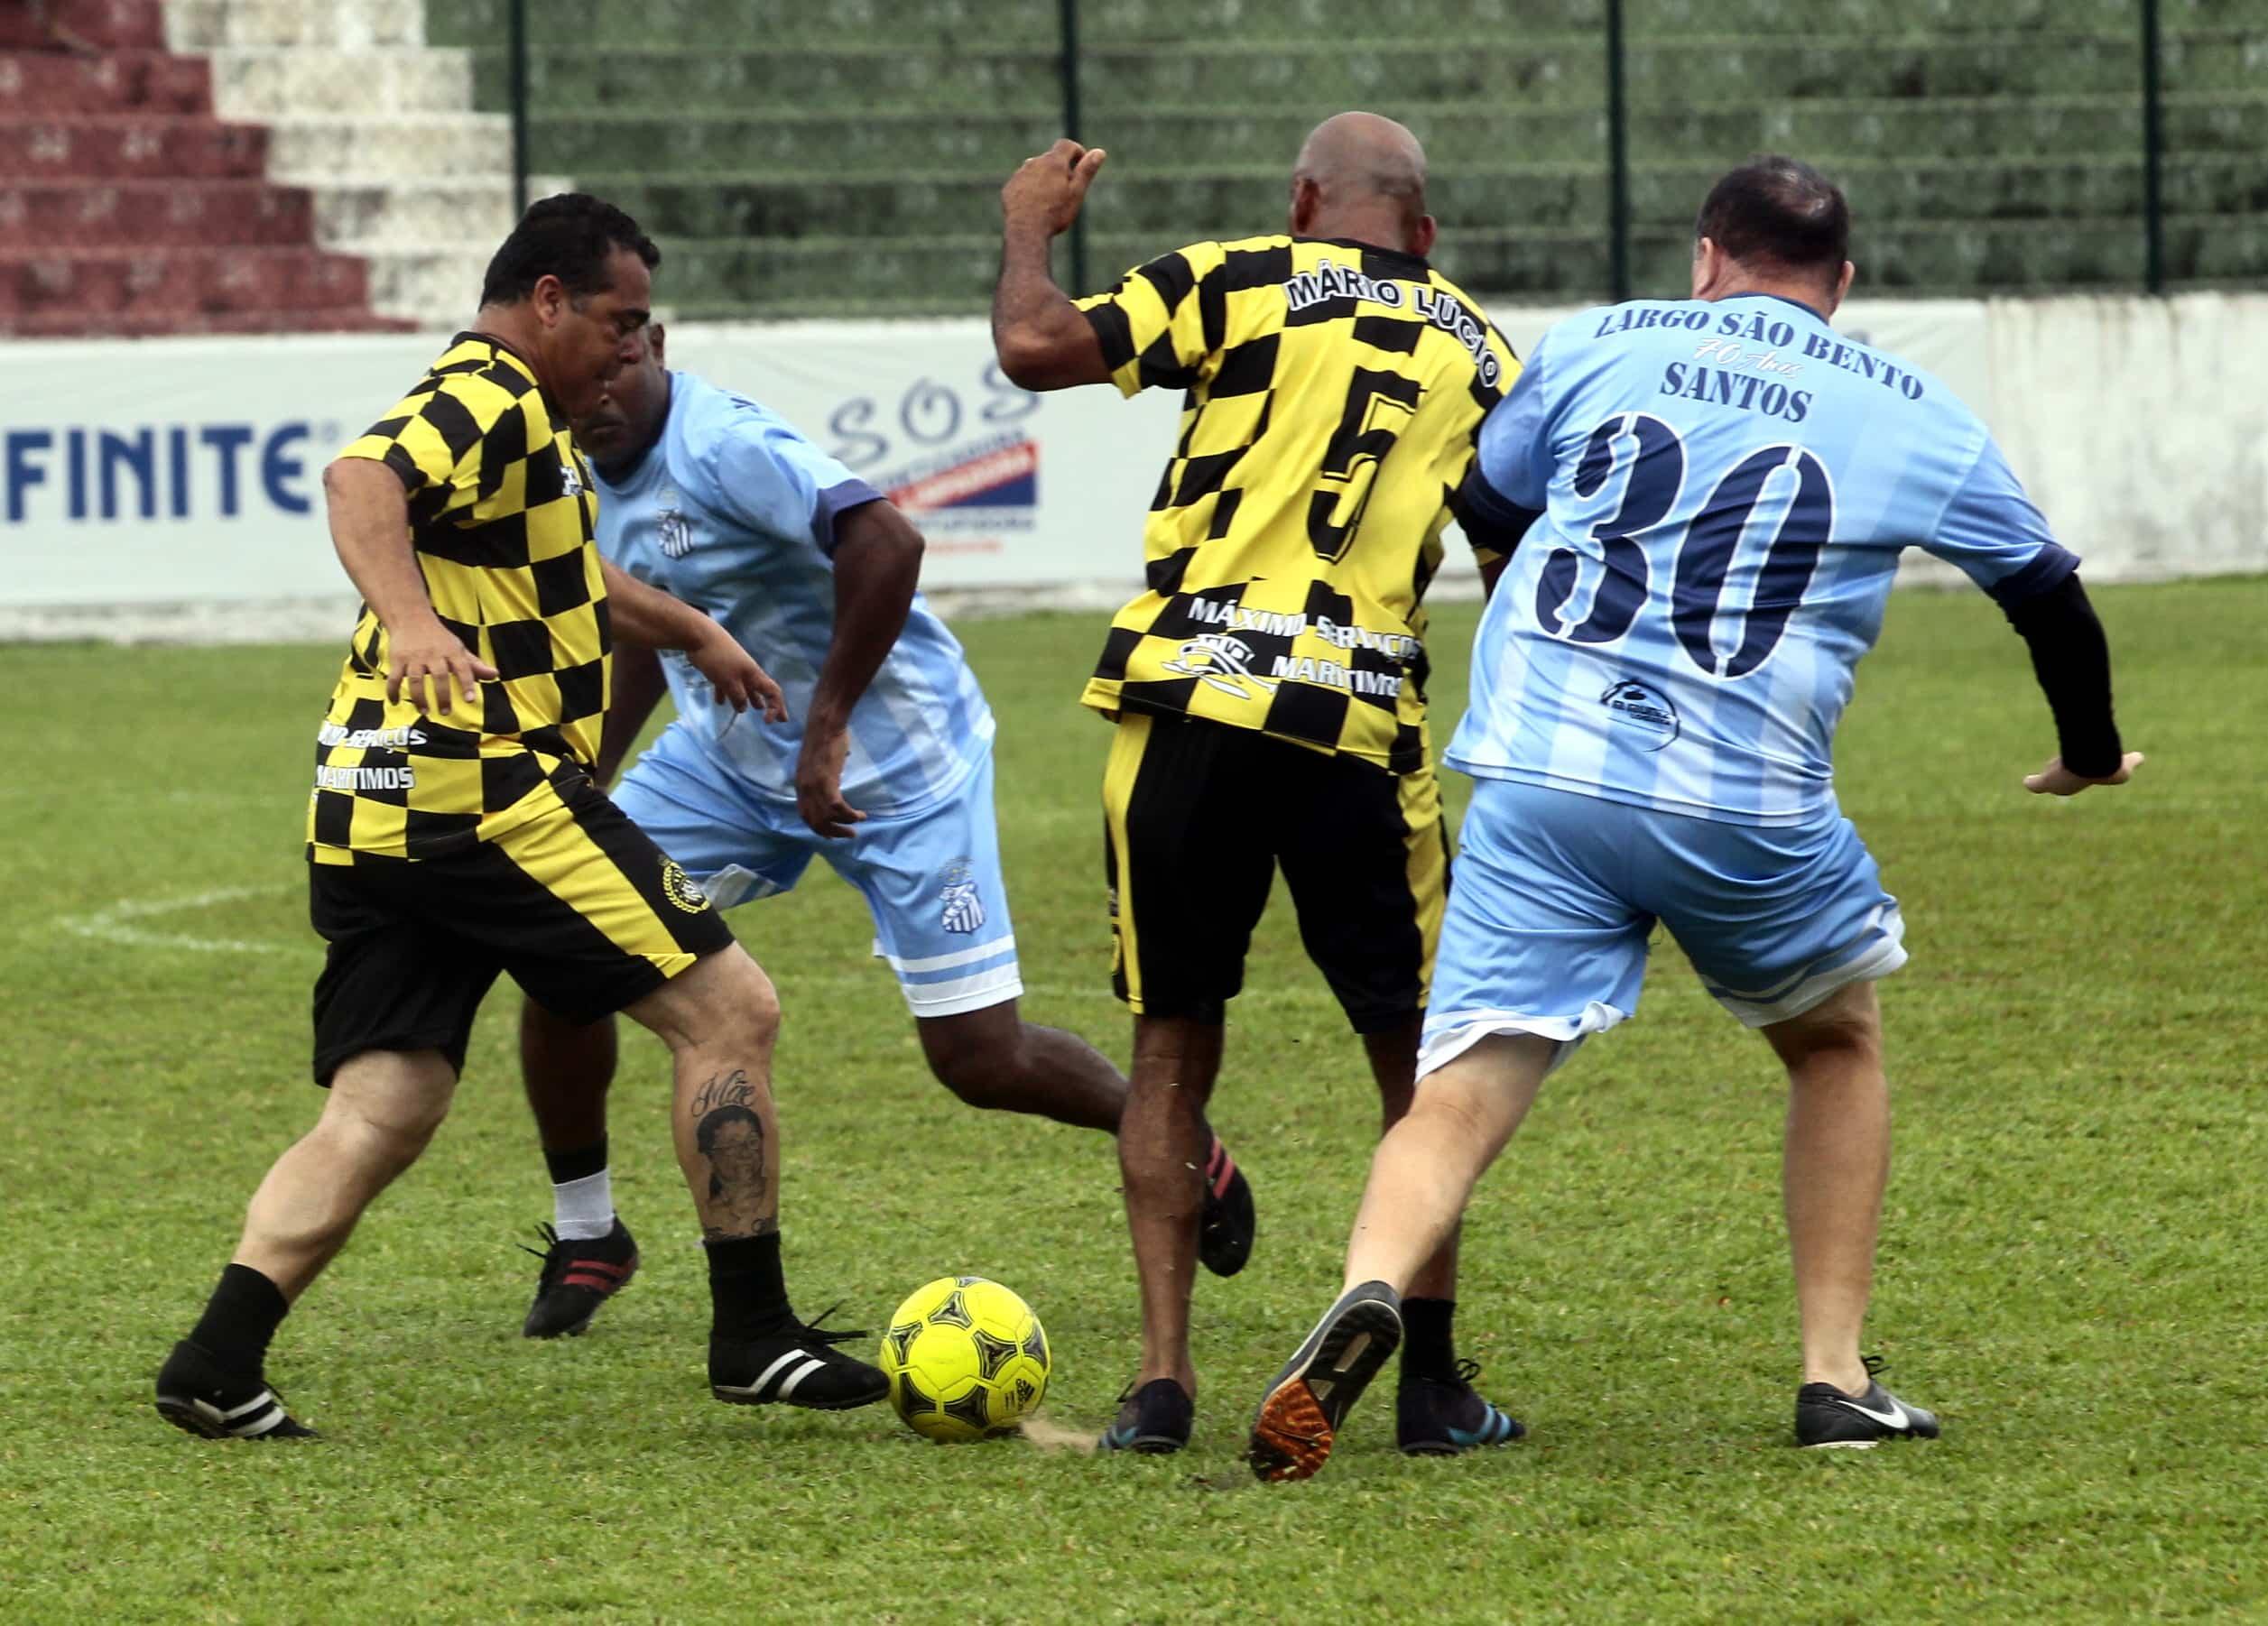 Equipe sagrou-se tricampeão do Campeonato Santista da categoria cinquentão